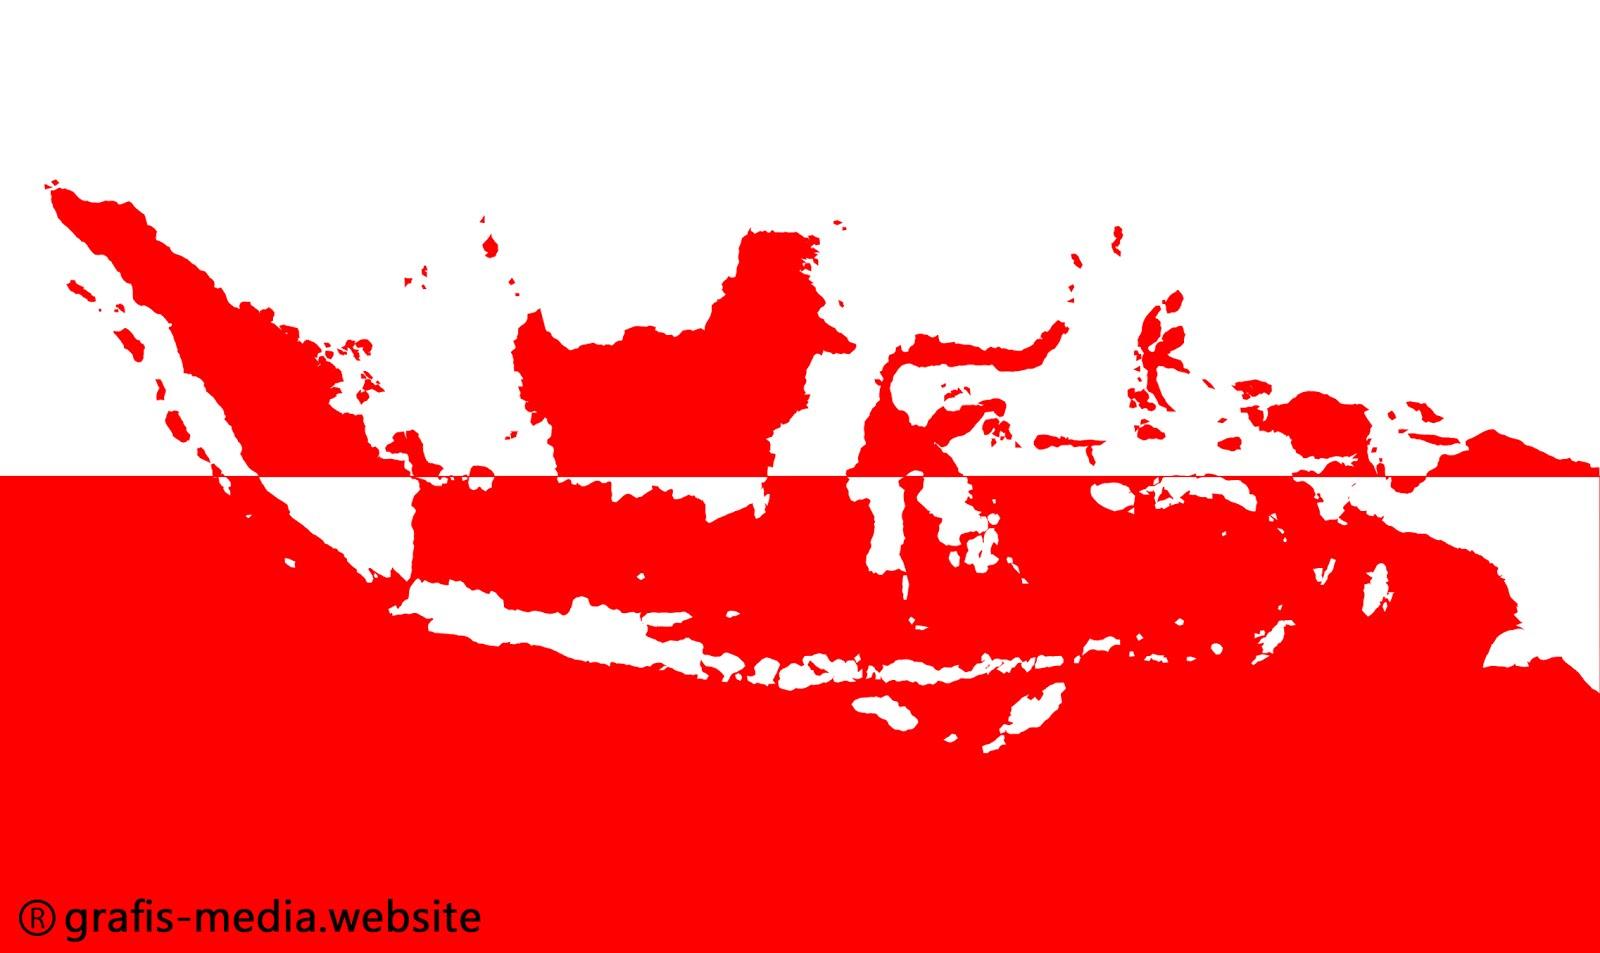 6 Gambar Bendera Merah Putih Keren  GRAFIS  MEDIA